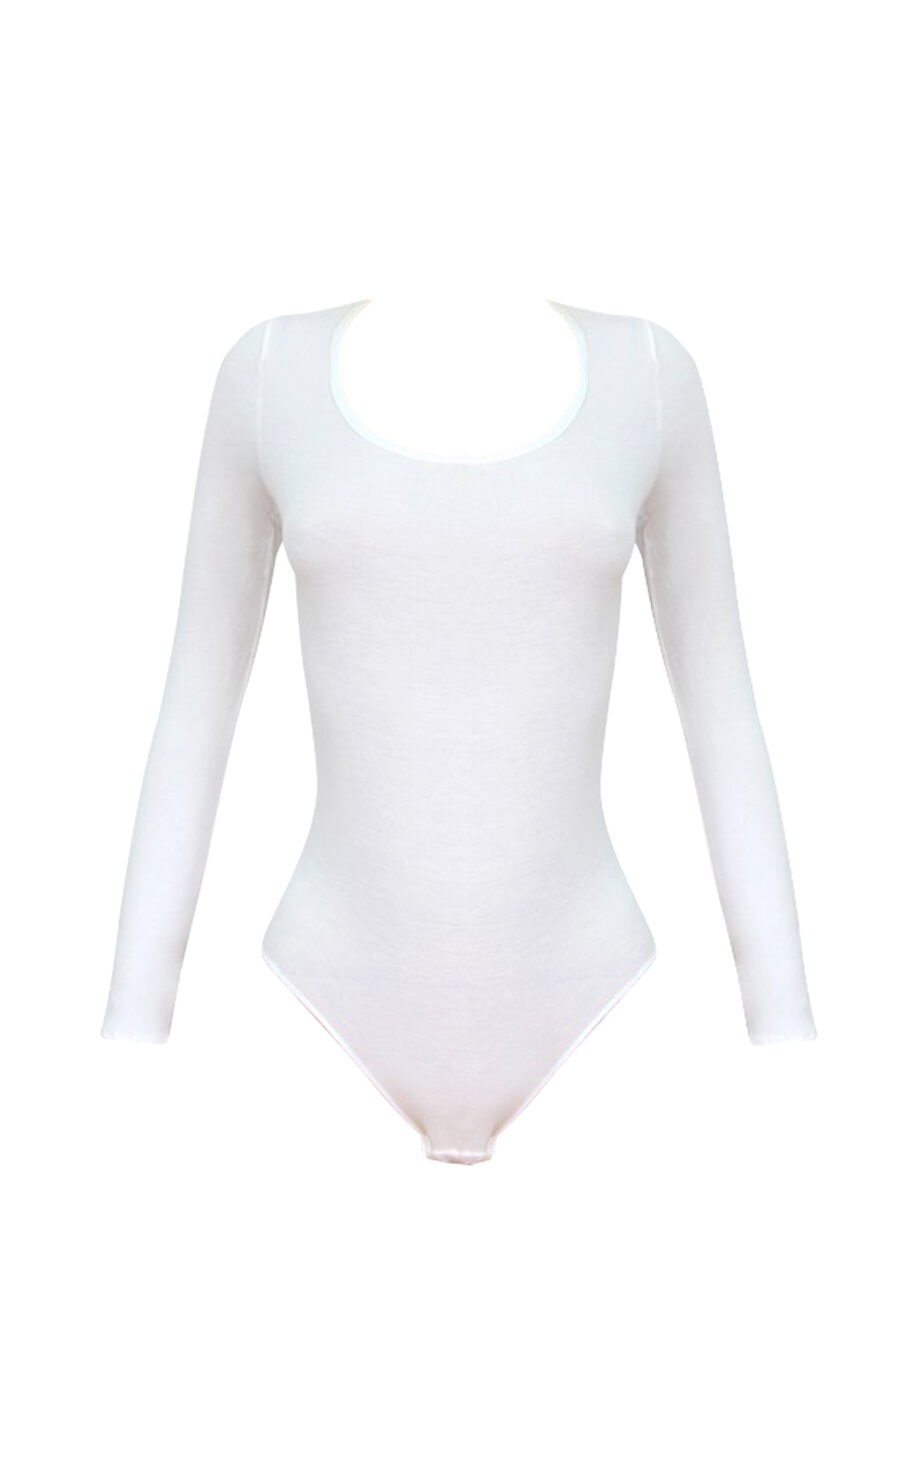 90-91790-05-minerva-white-body-modal.jpg